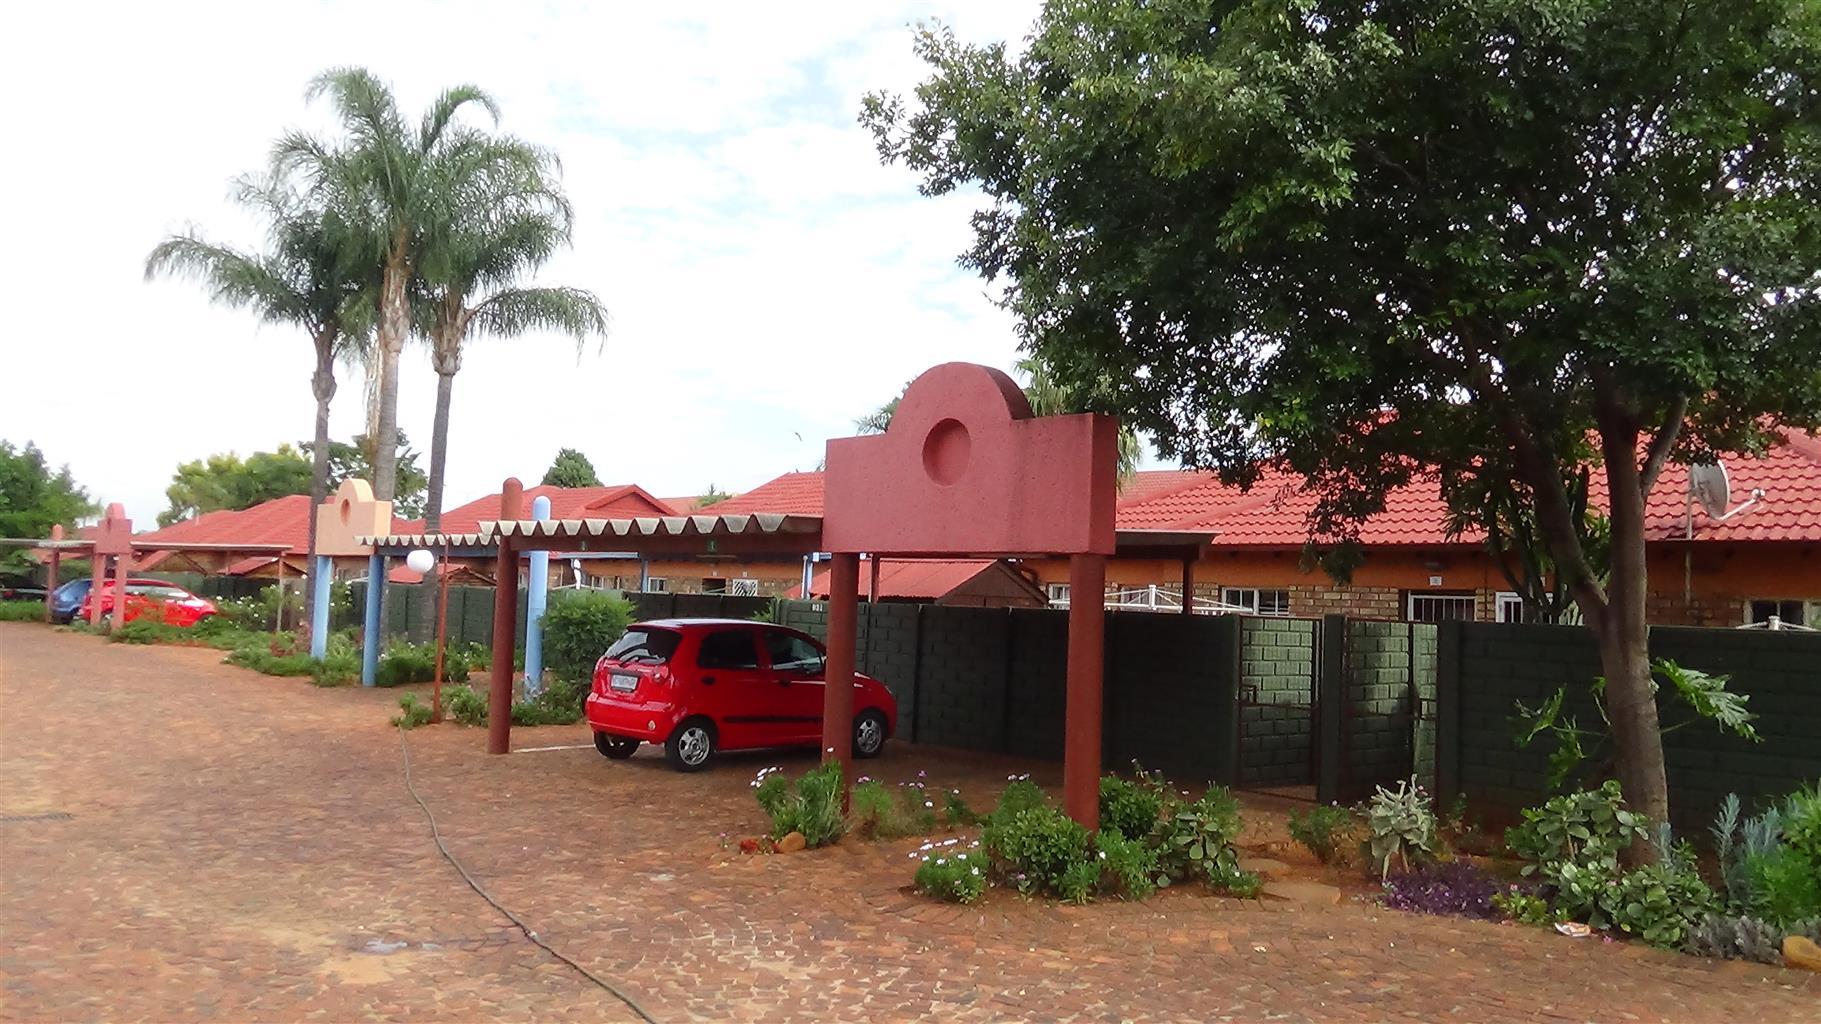 3 Bedroom Townhouse in Doornpoort – R800 000